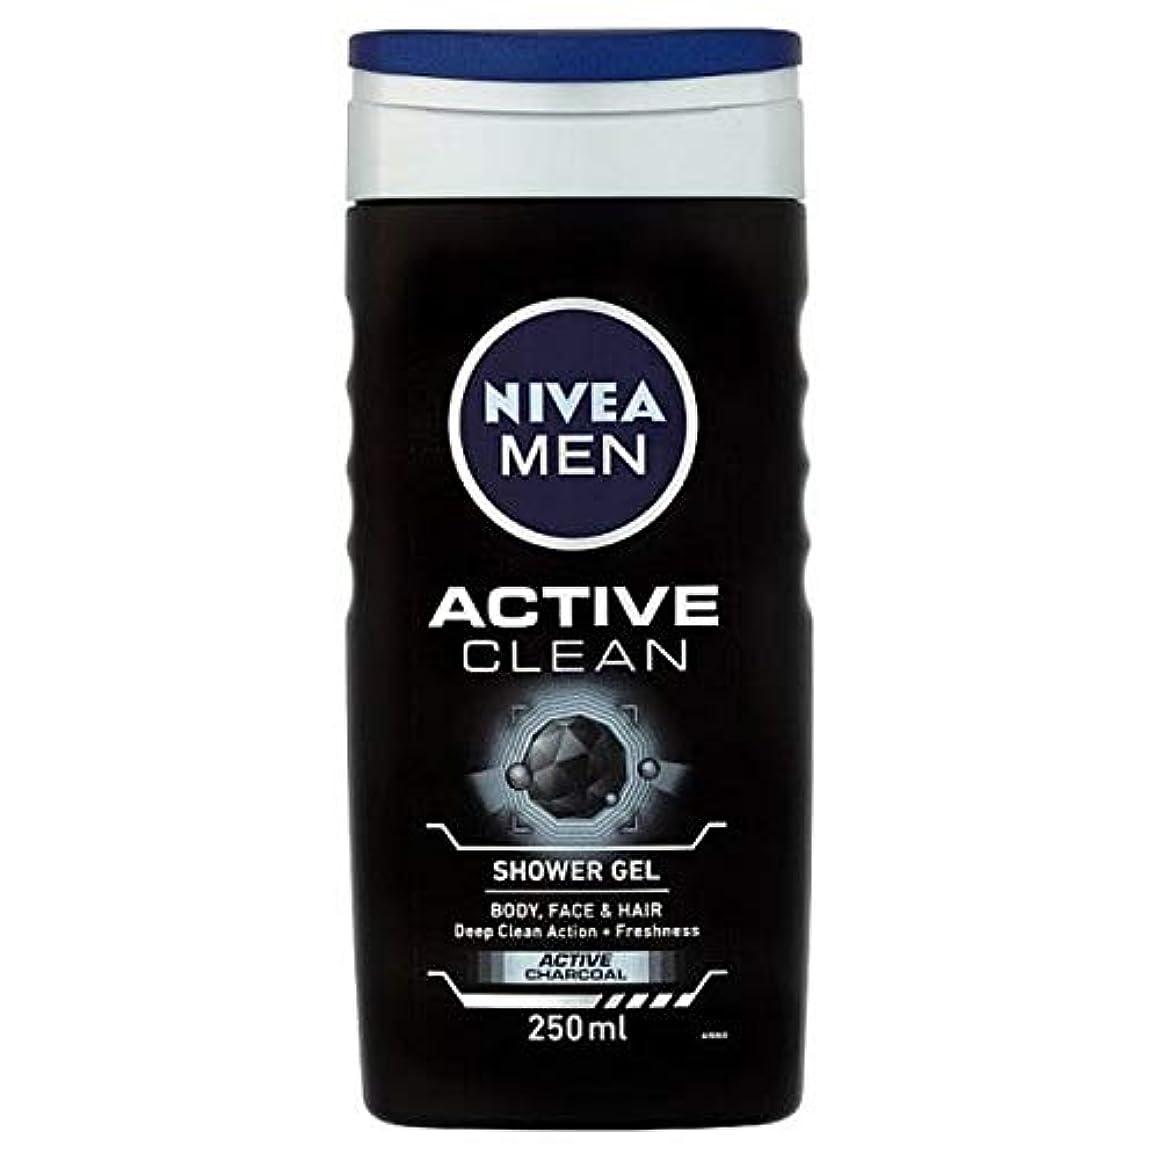 病熱帯のテーブルを設定する[Nivea ] ニベア男性用シャワージェル、炭との活発なきれいな、250ミリリットル - NIVEA Men Shower Gel, Active Clean with Charcoal, 250ml [並行輸入品]